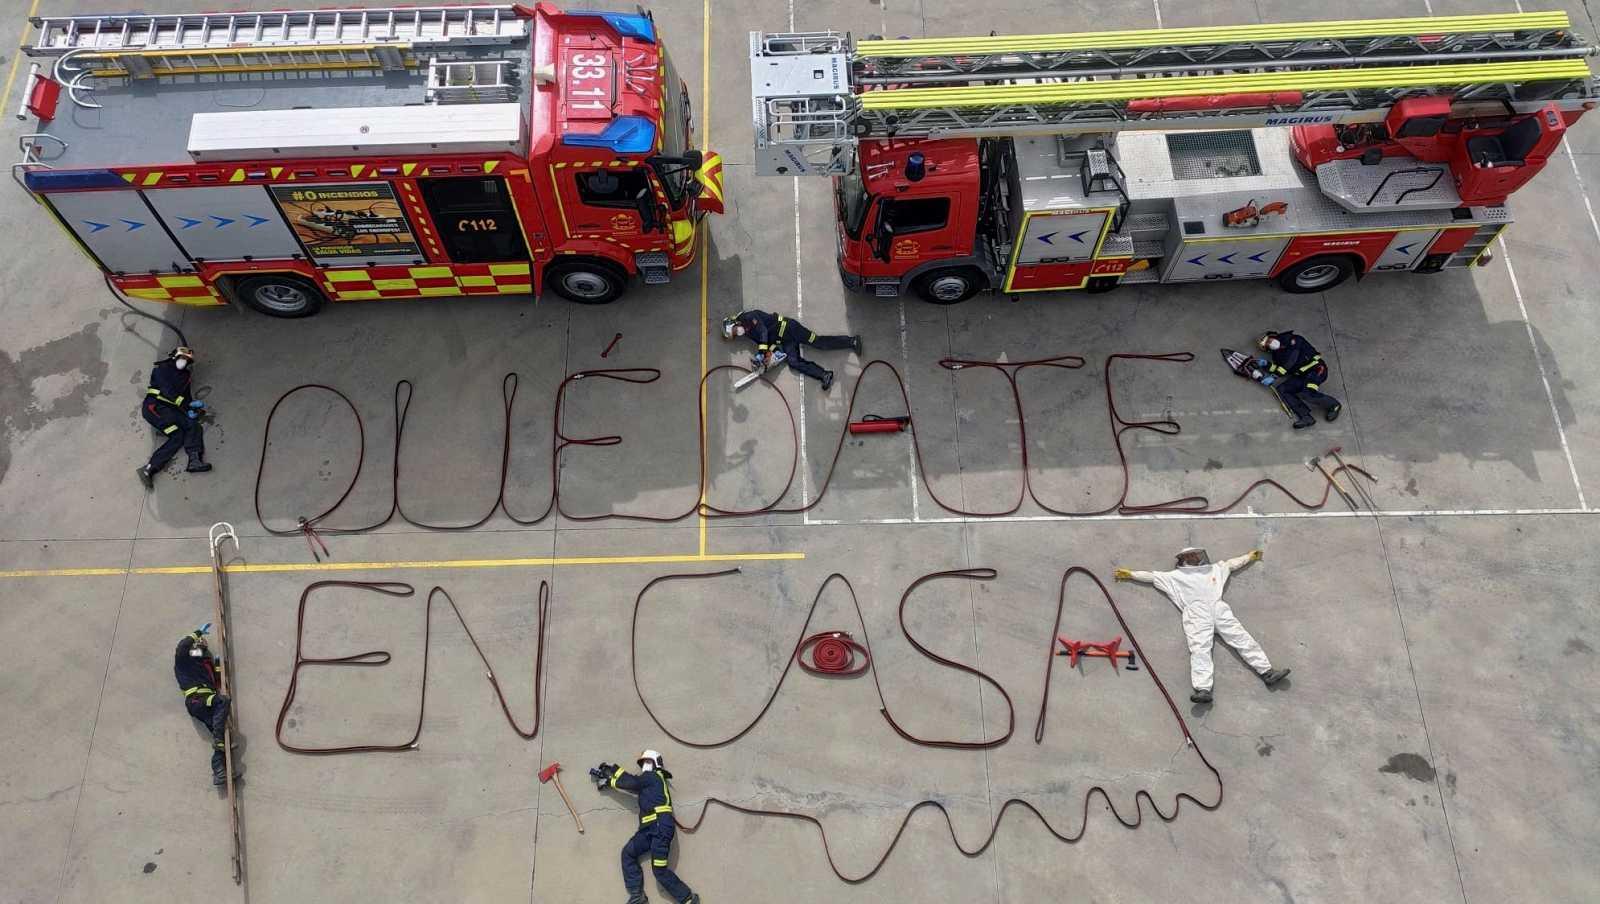 Los bomberos españoles piden a los ciudadanos que se queden en casa para combatir el coronavirus